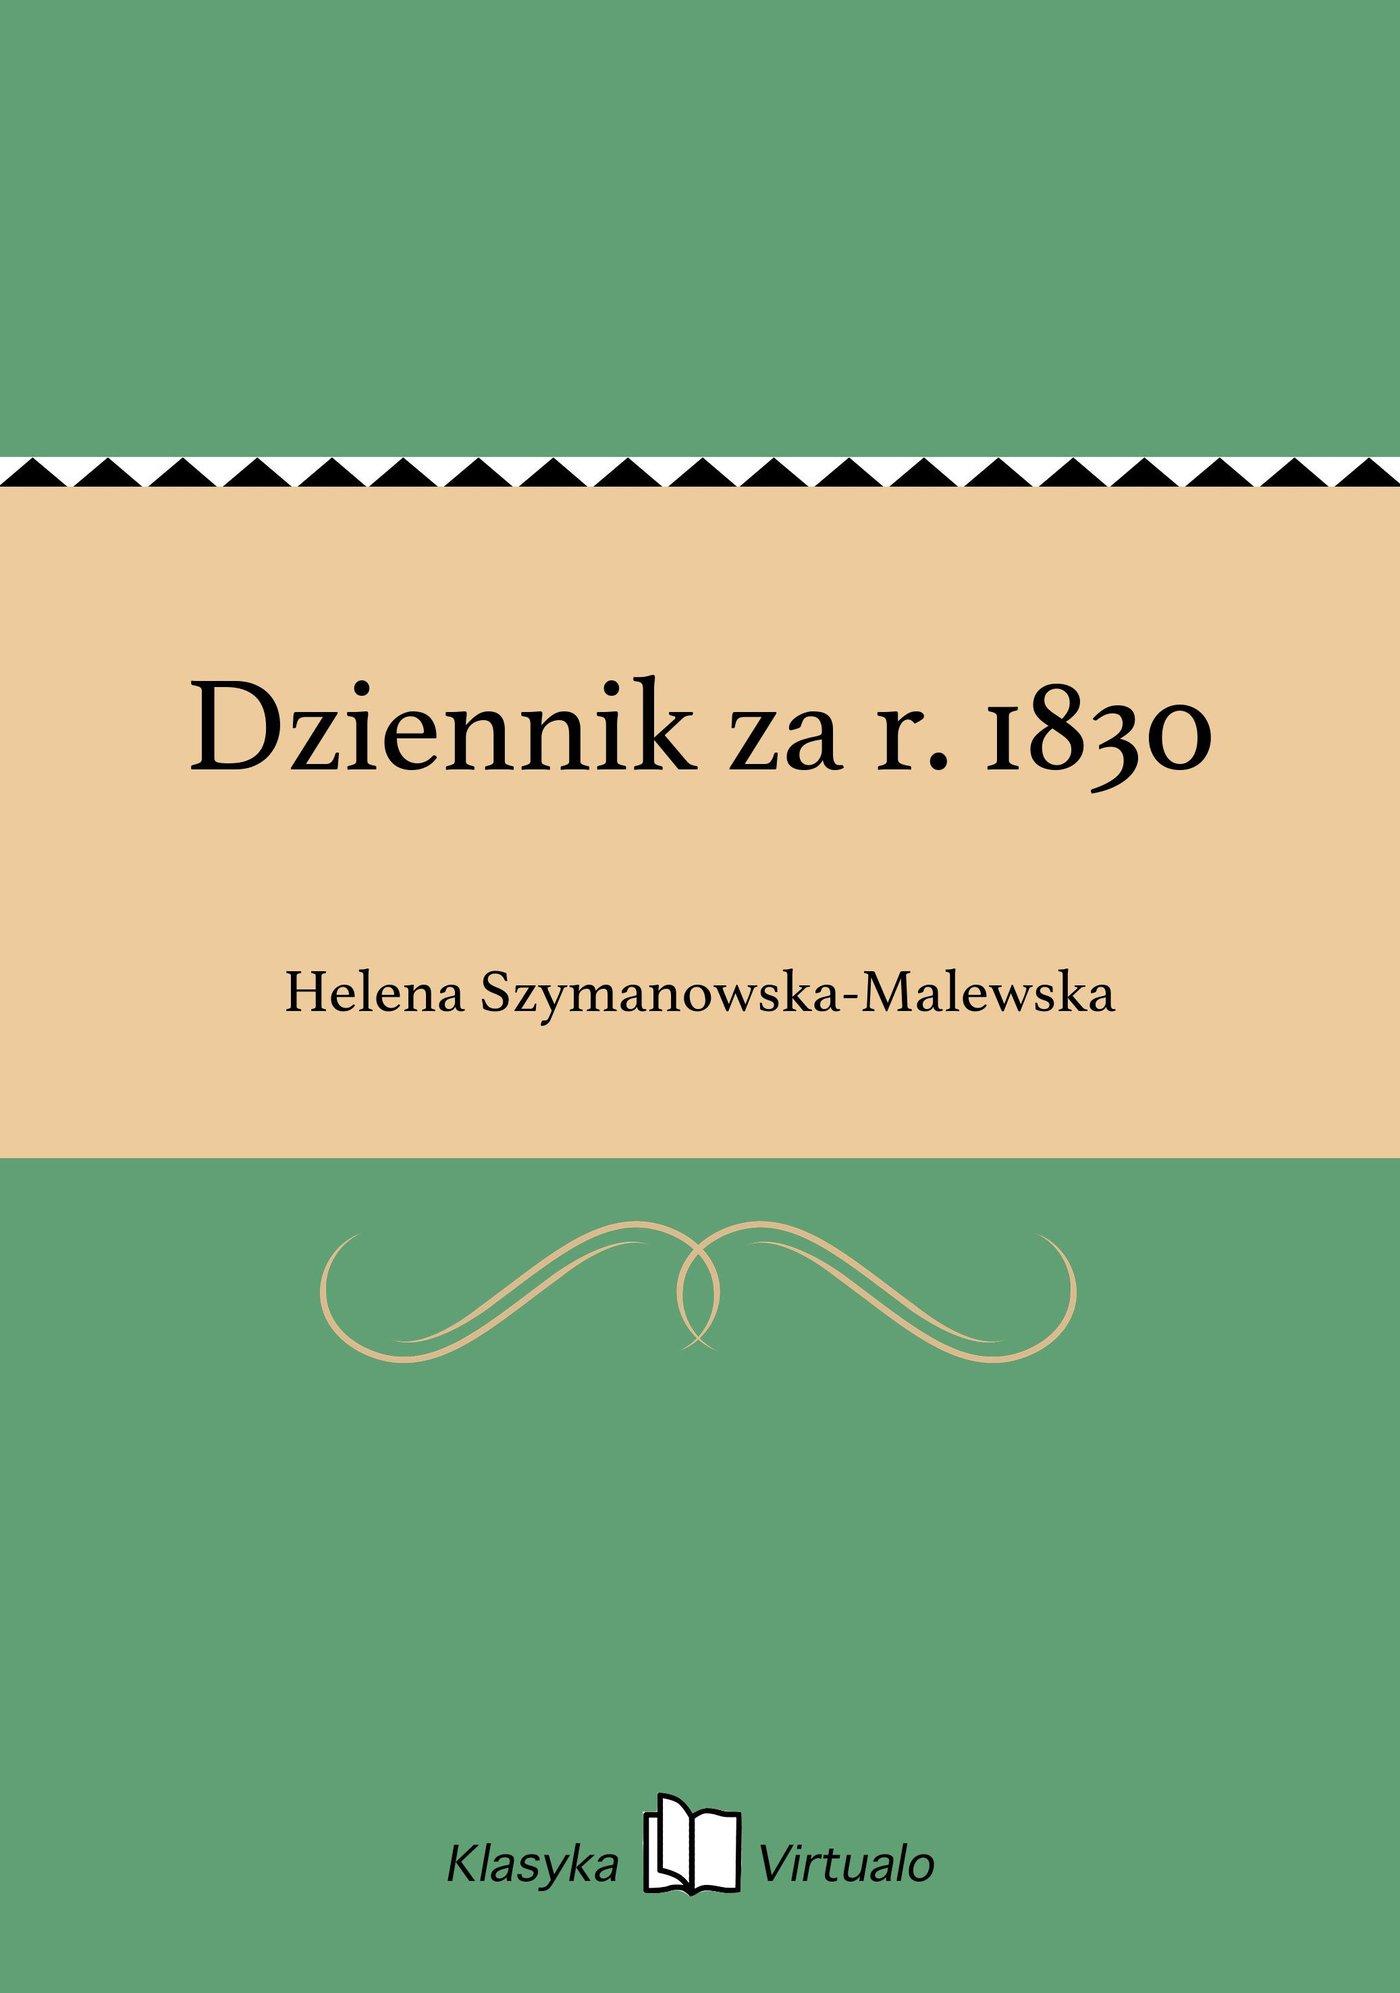 Dziennik za r. 1830 - Ebook (Książka EPUB) do pobrania w formacie EPUB